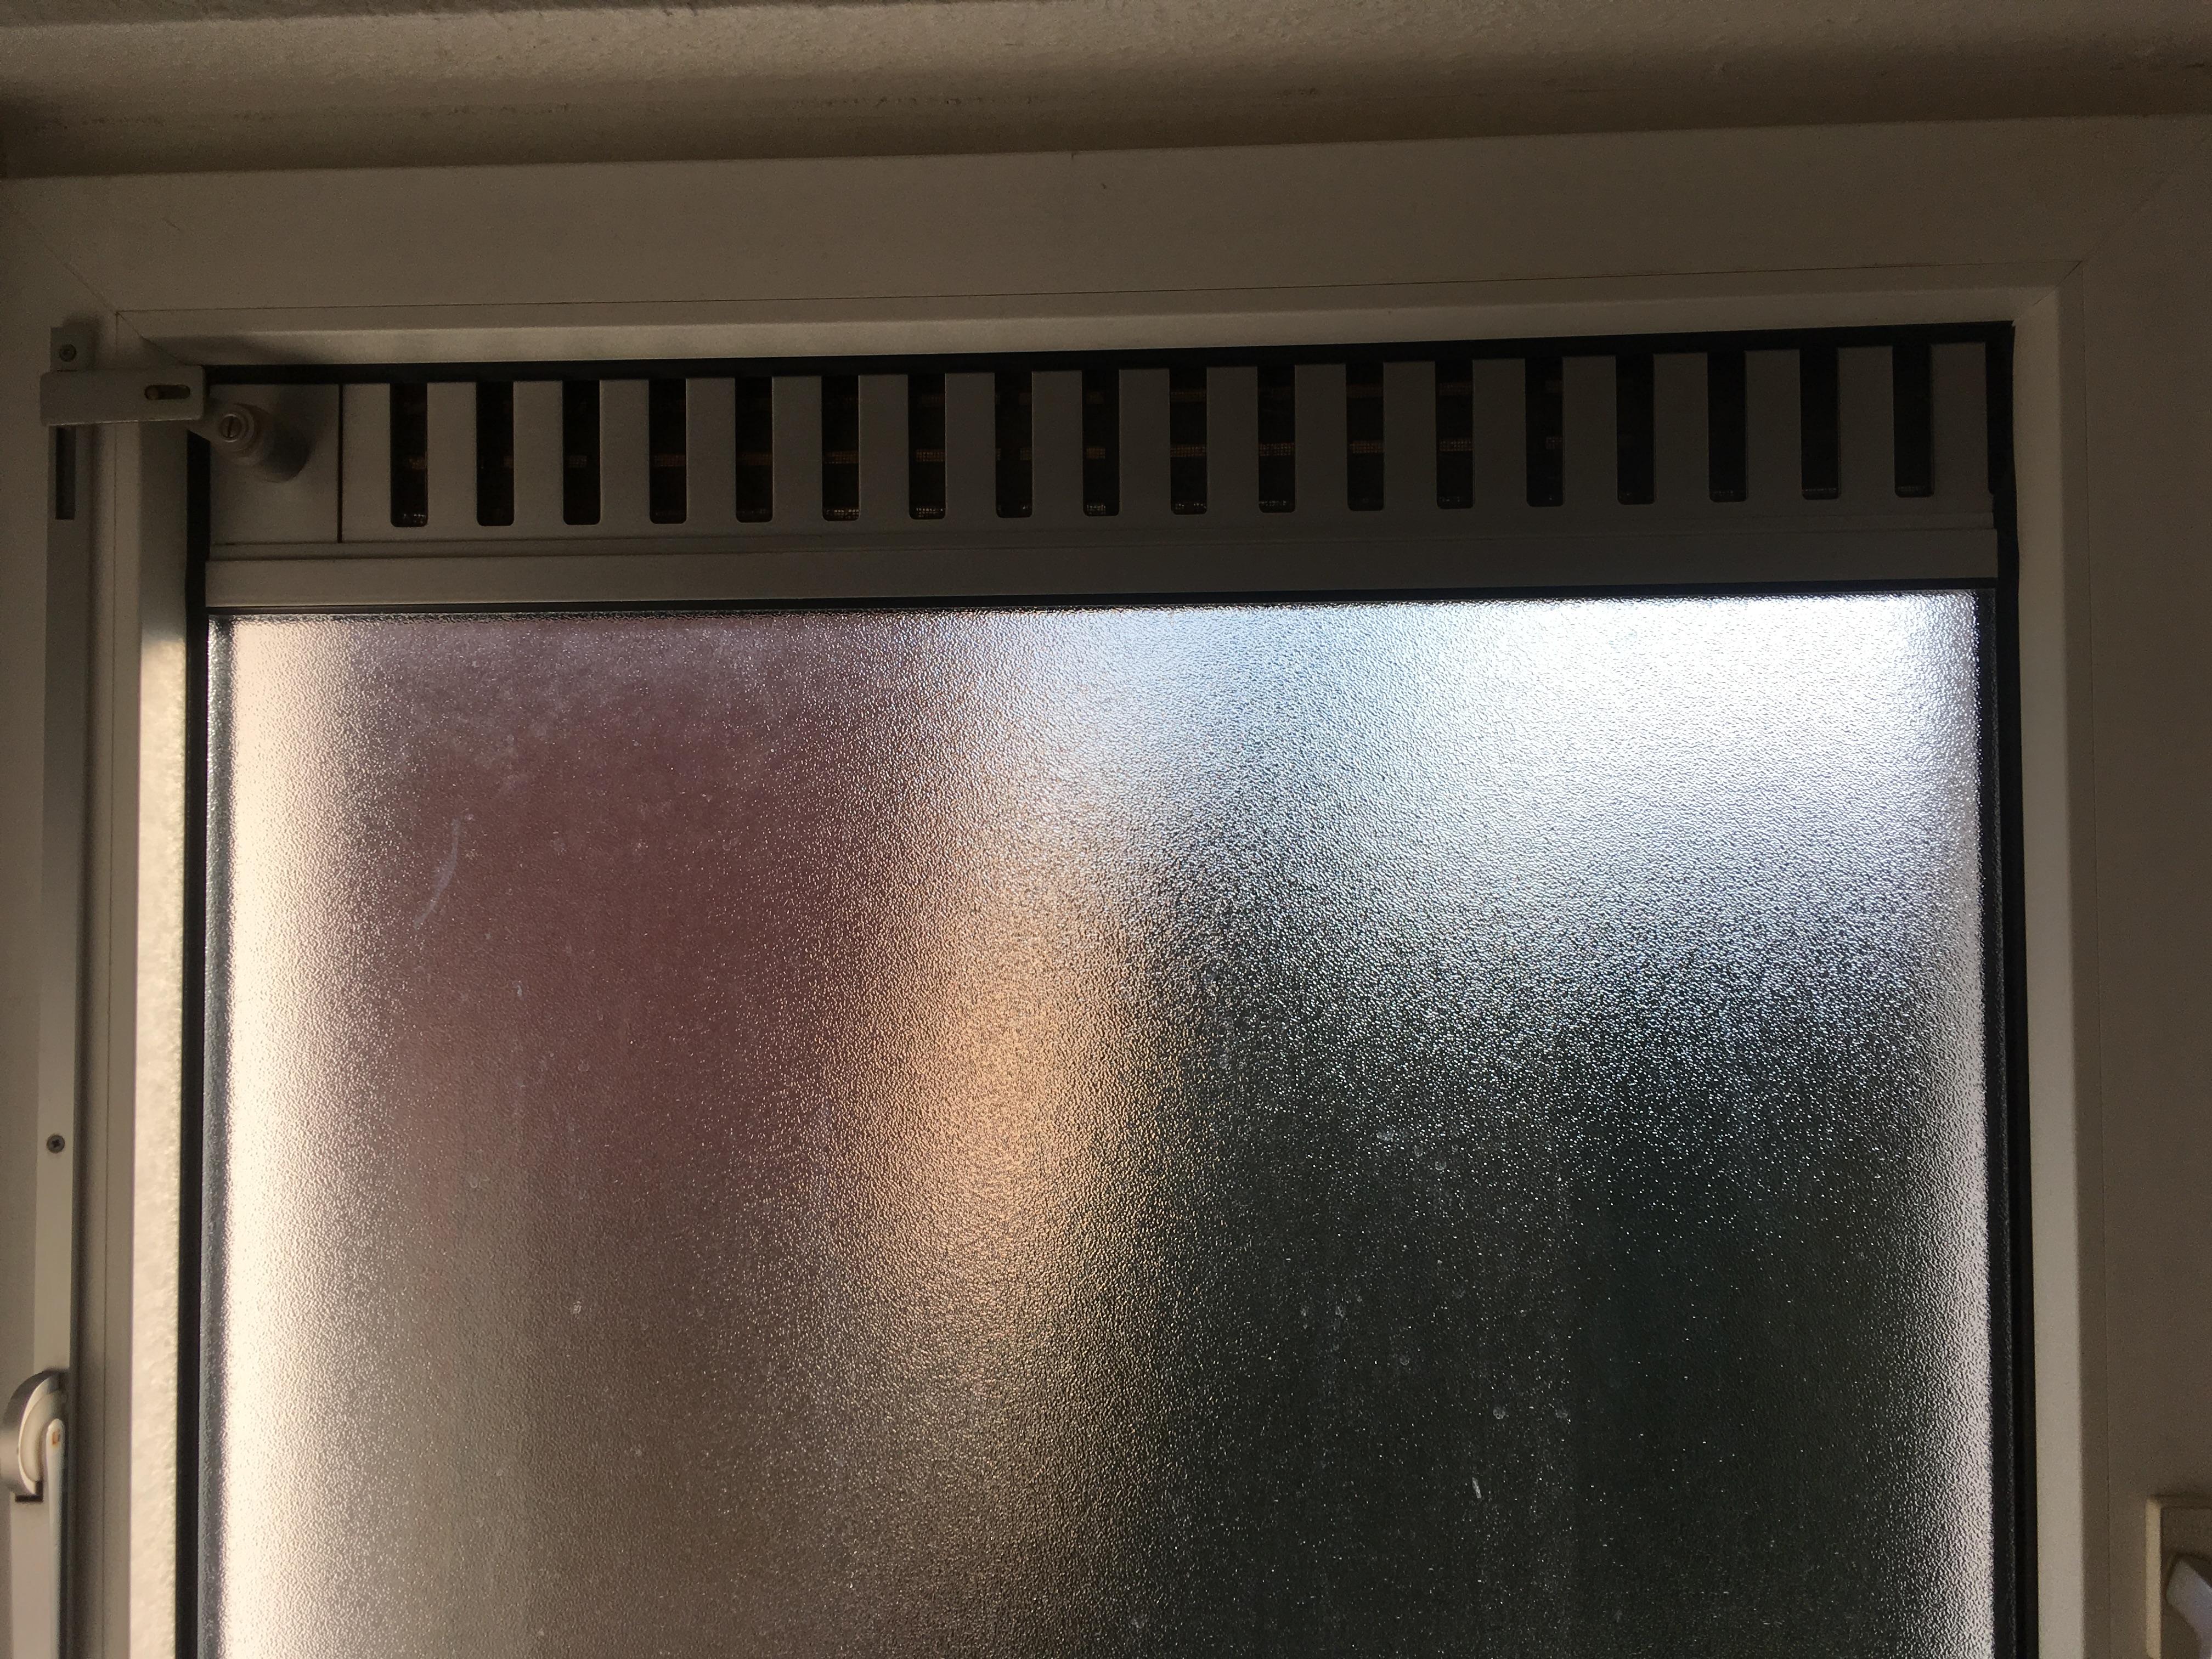 Wie heißt diese Art Fenster? (Haus, Wohnung, wohnen)